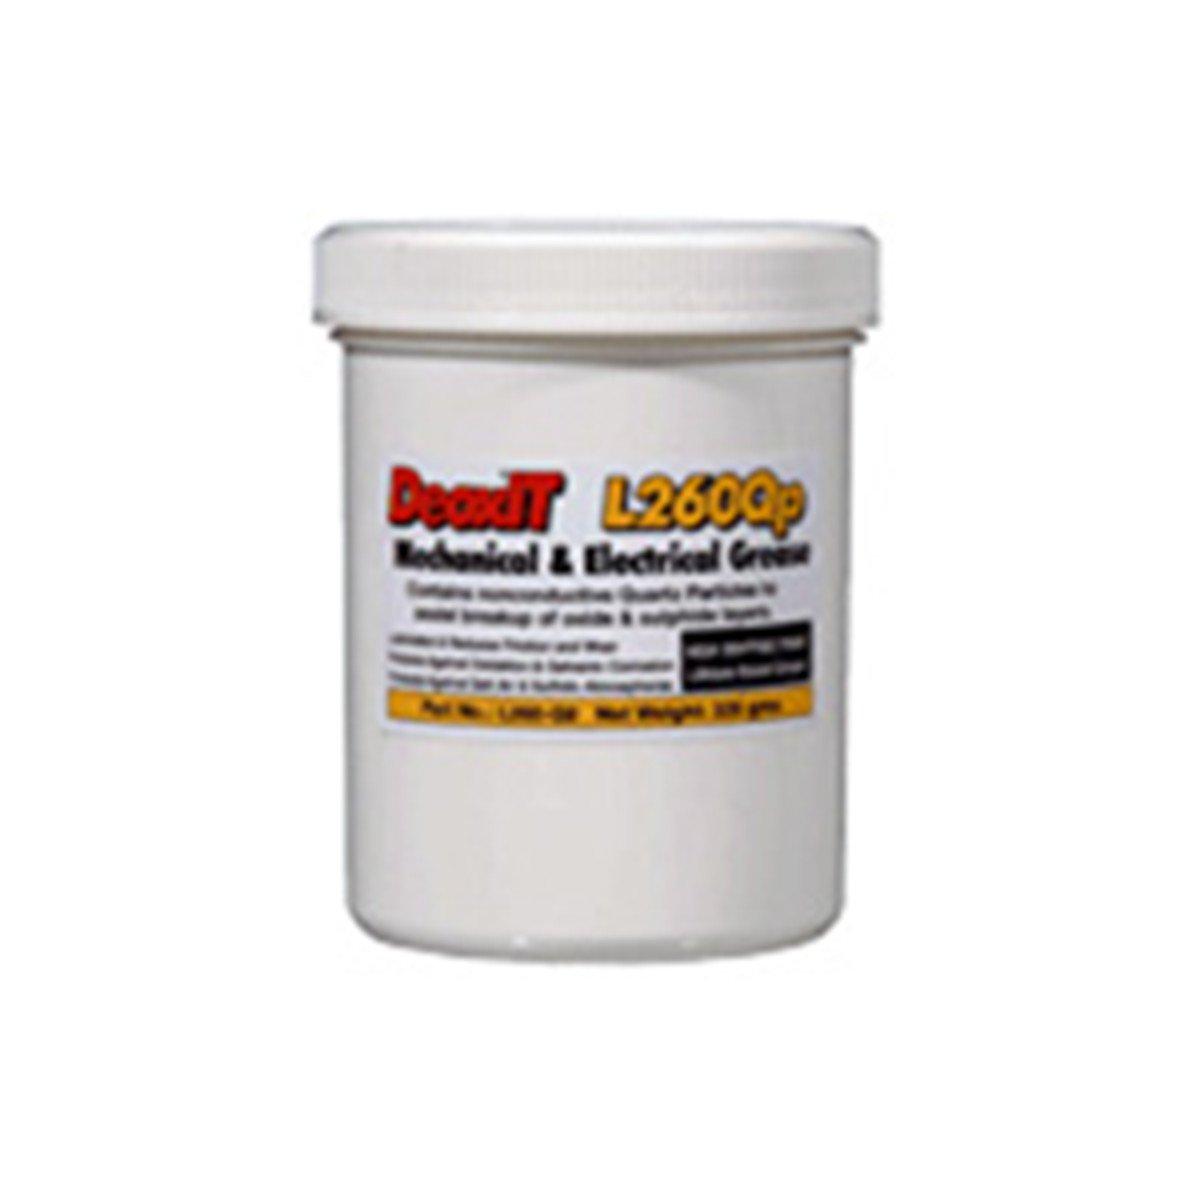 DeoxITL260 Grease L260Qp, jar quartz particles 226 g - L260-Q8